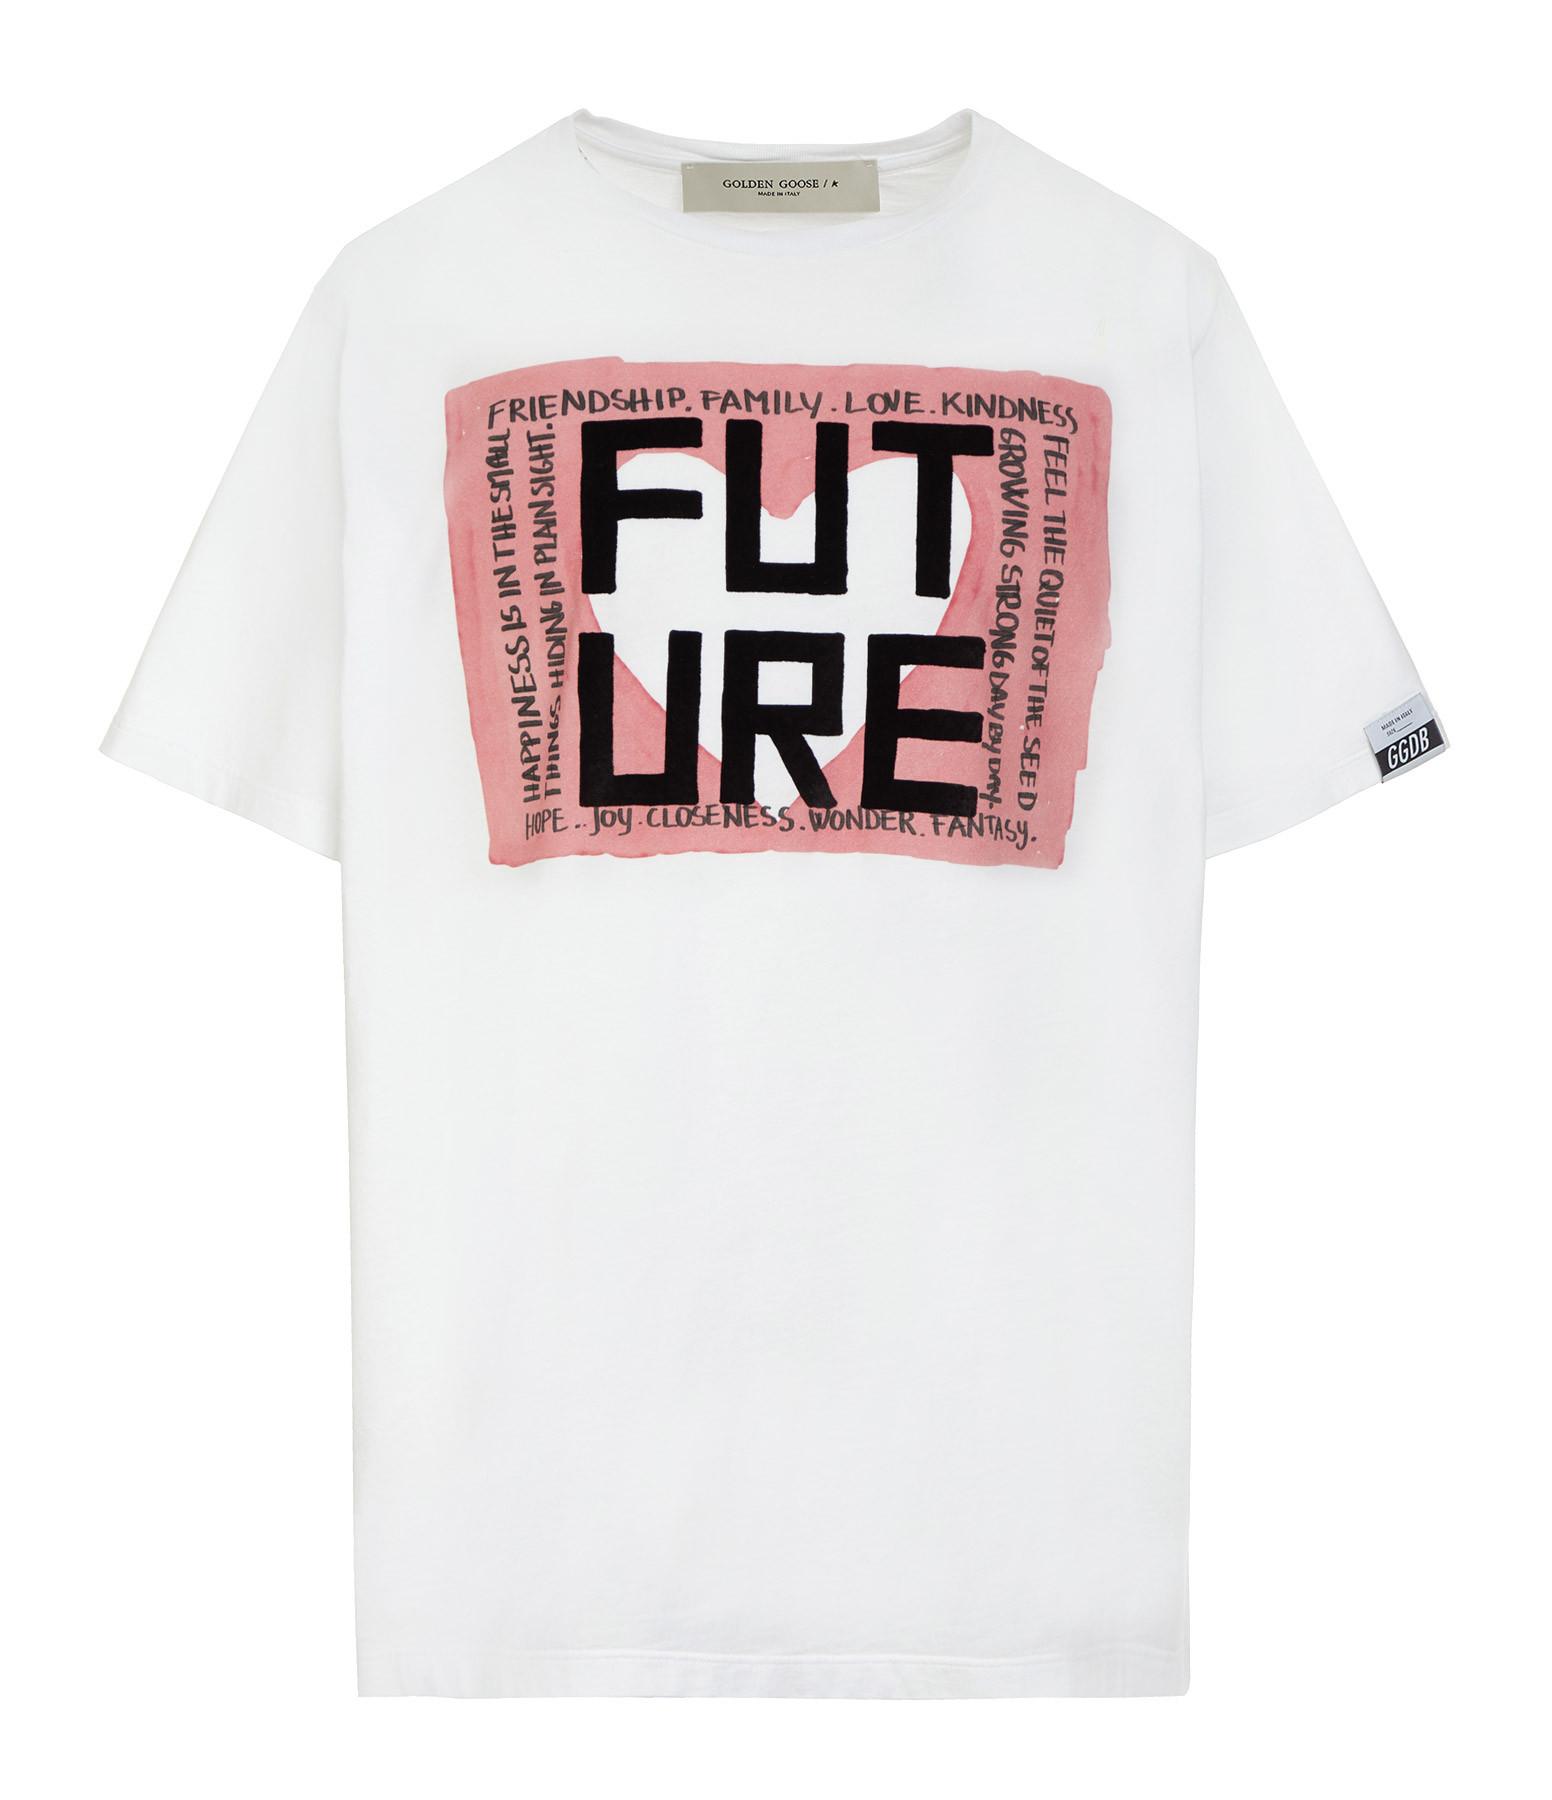 GOLDEN GOOSE - Tee-shirt Homme Adamo Future Coton Blanc